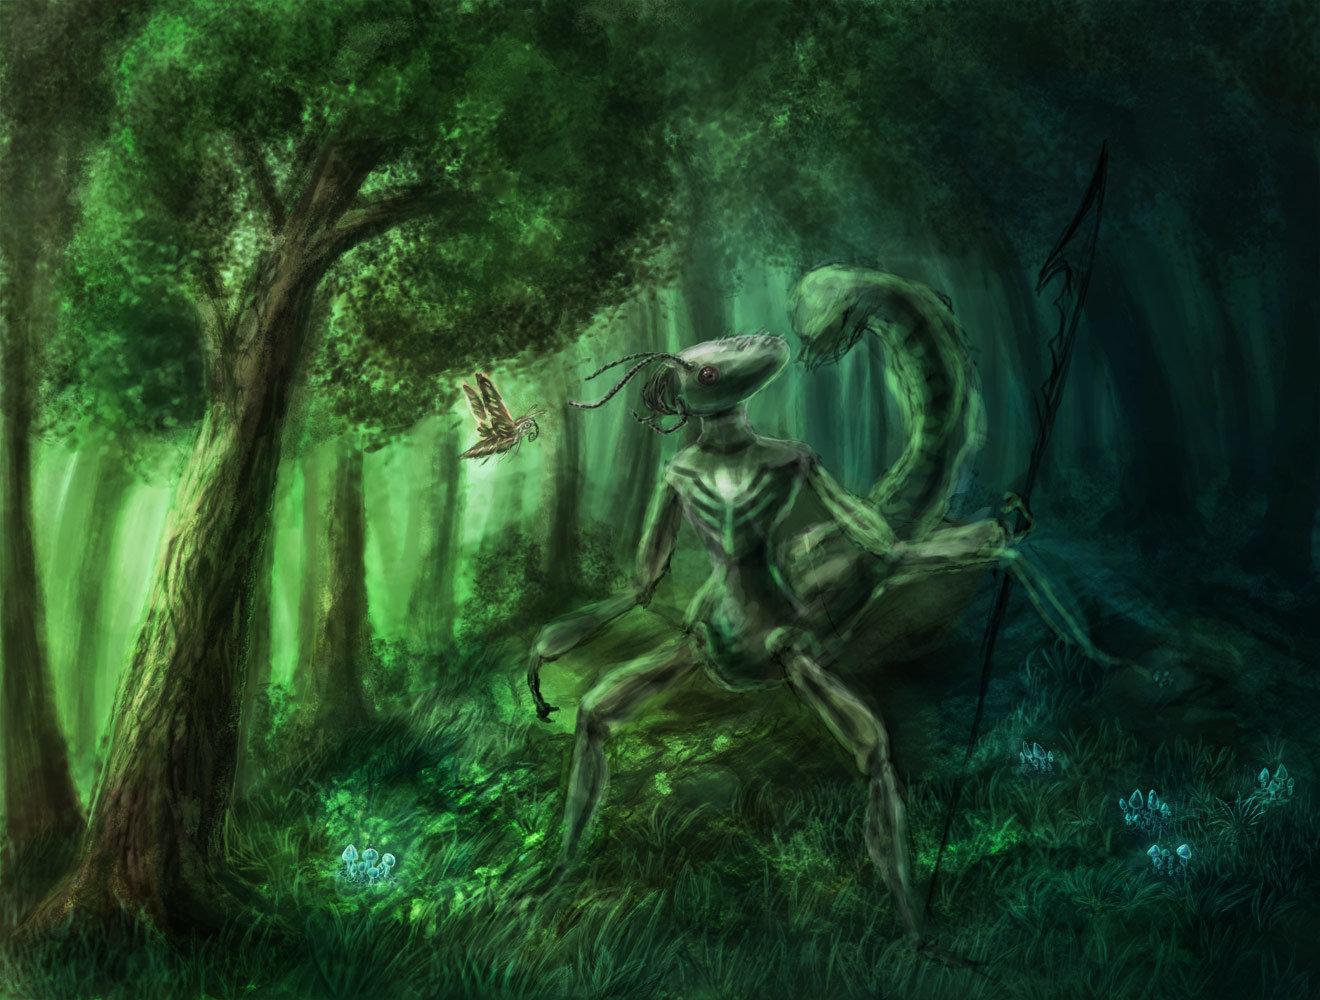 Orm irian insektenzentaur14